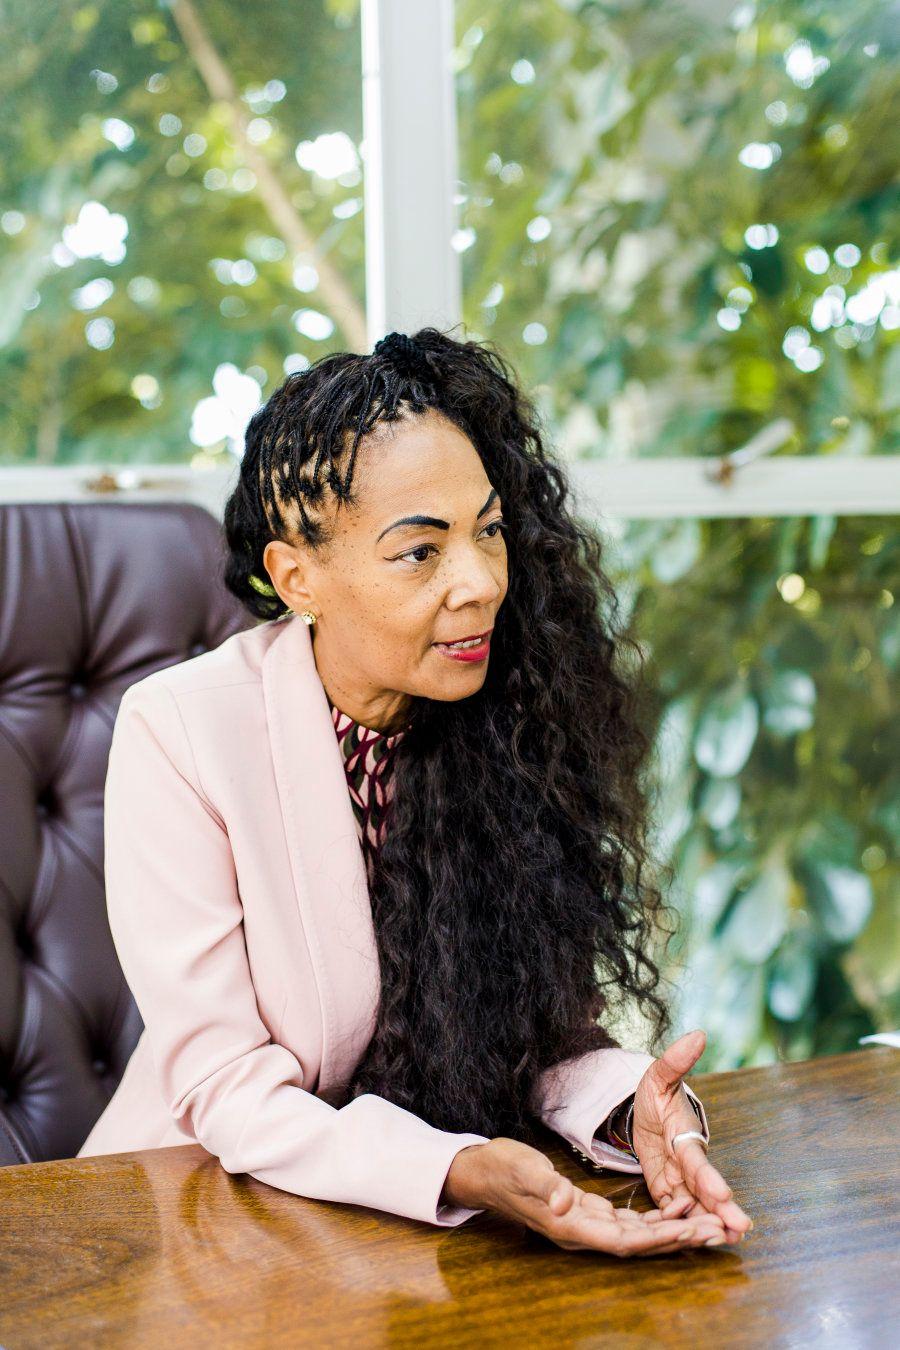 Aos 54 anos Tânia é a primeira mulher negra que chegou a ocupar o cargo de prefeita em Dois Irmãos, colônia...